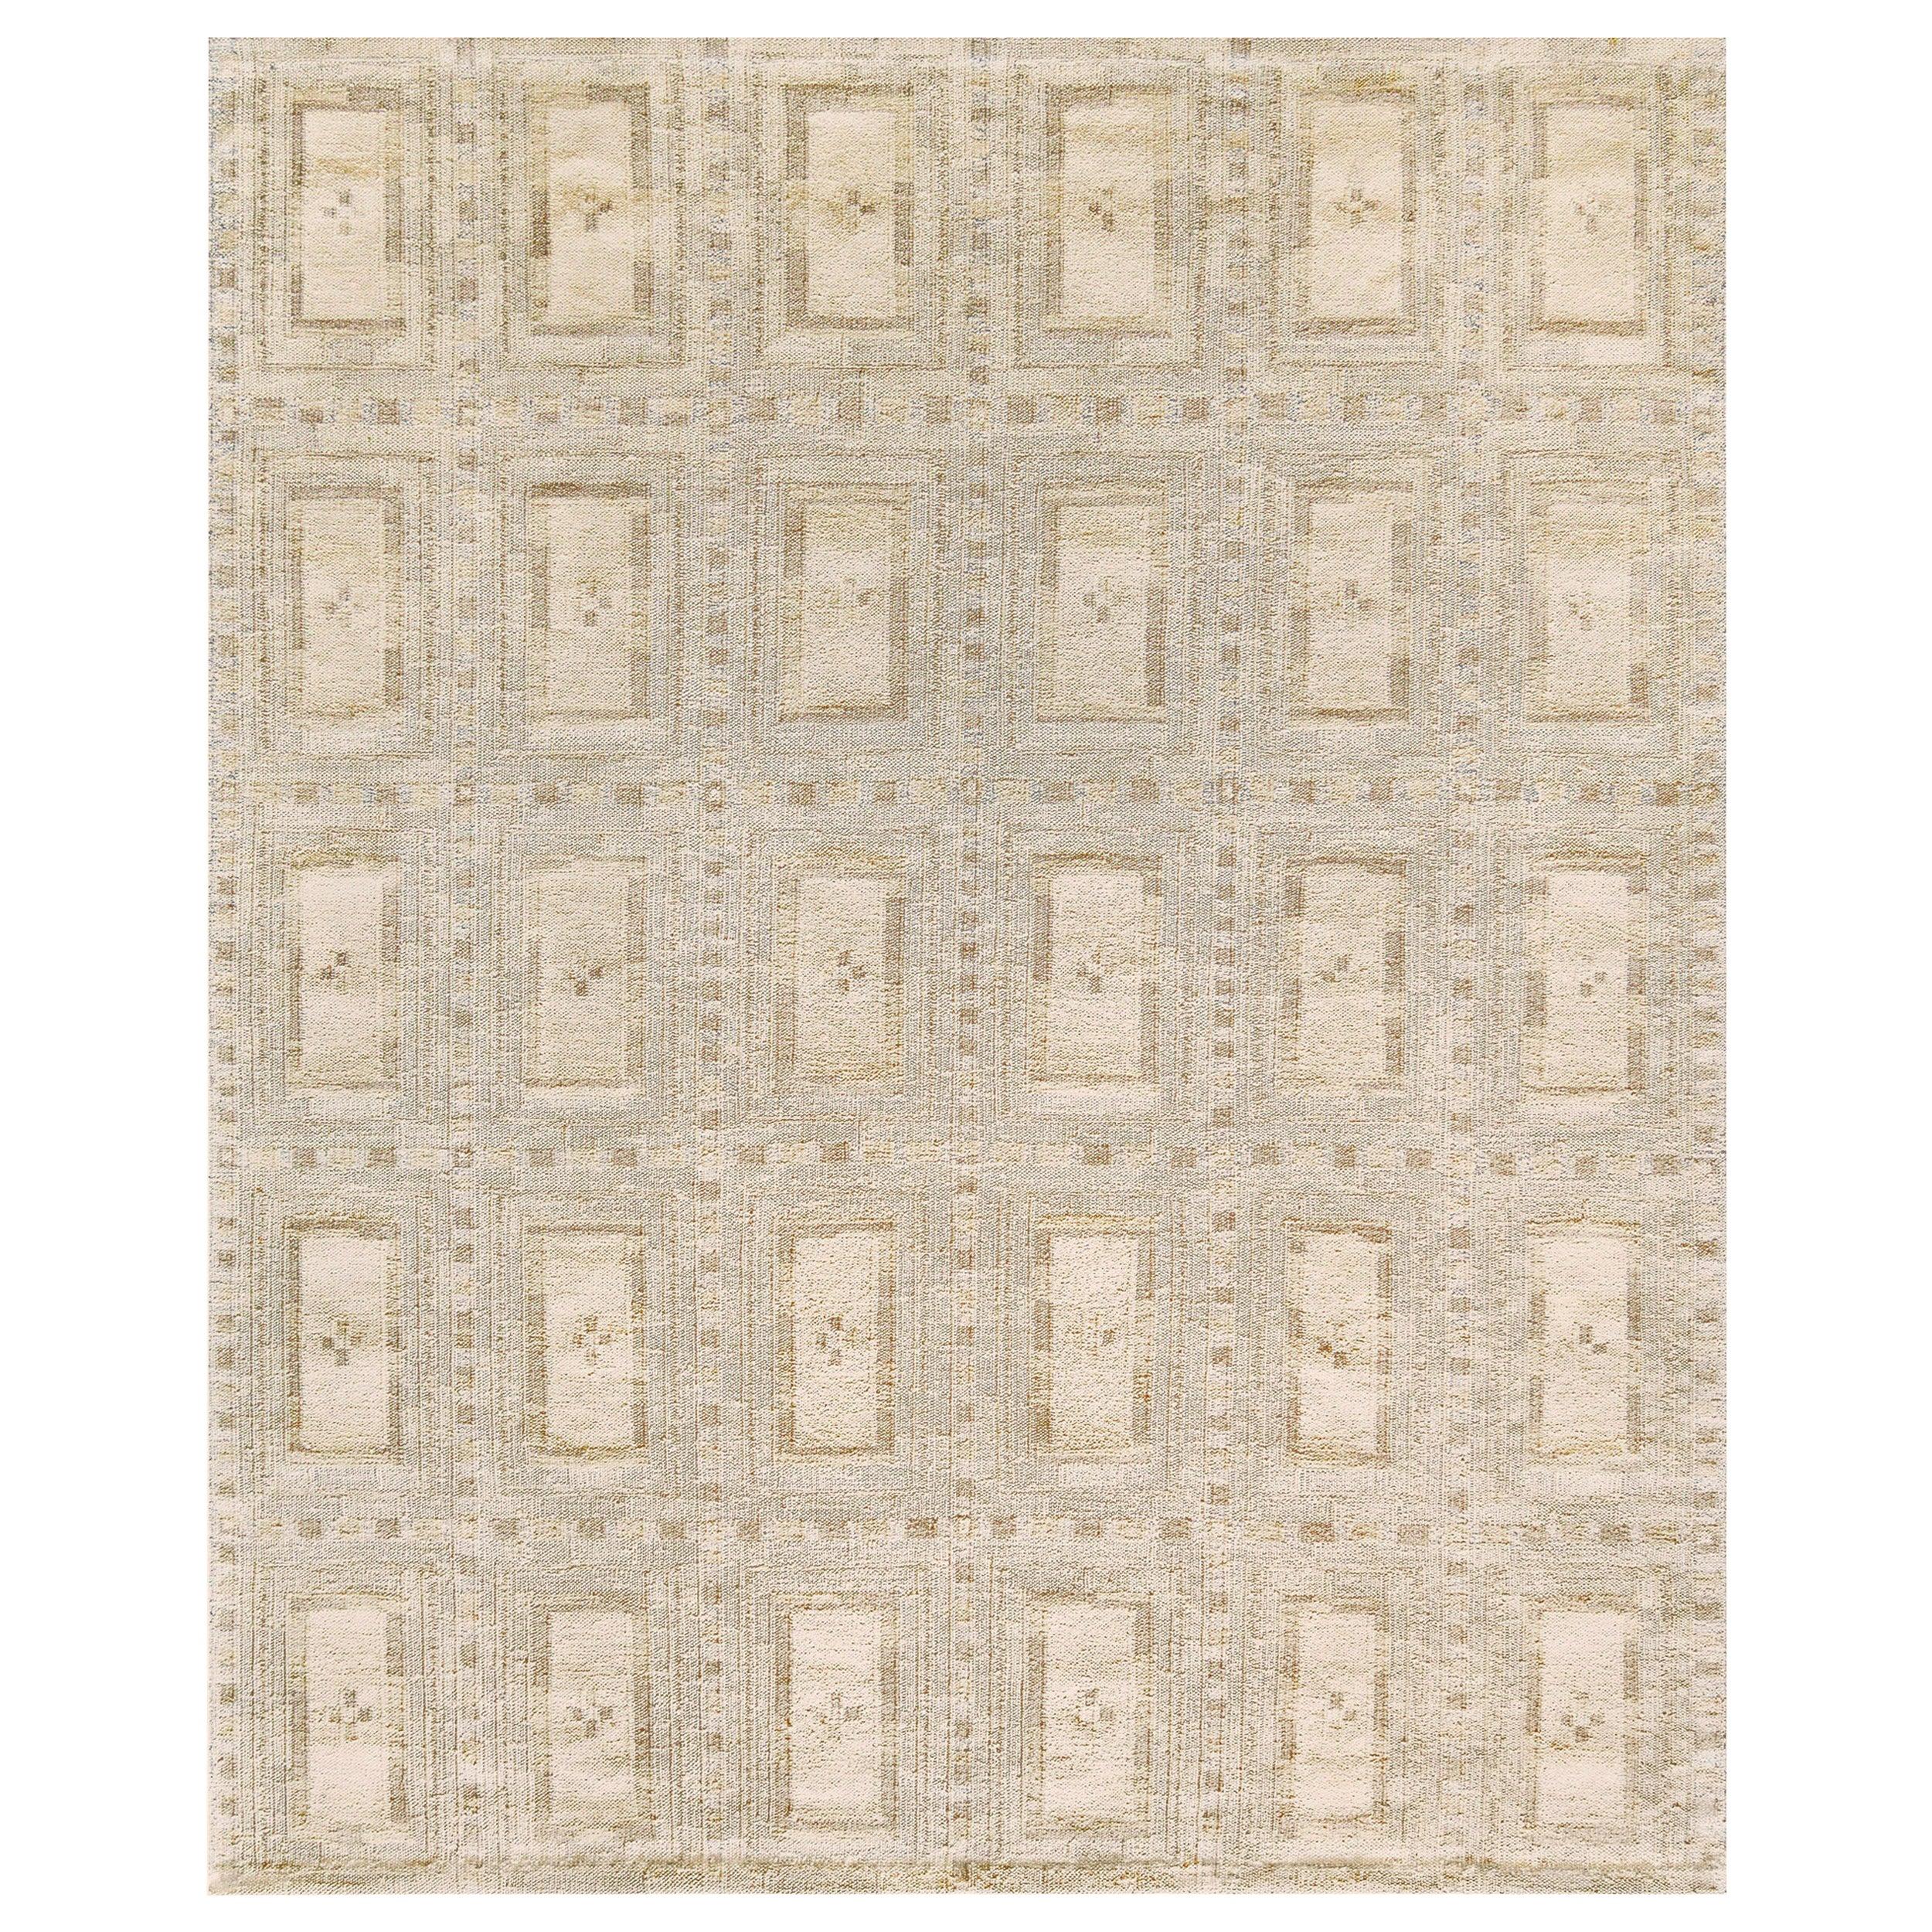 Handwoven Swedish Style Flat-Weave Wool Rug